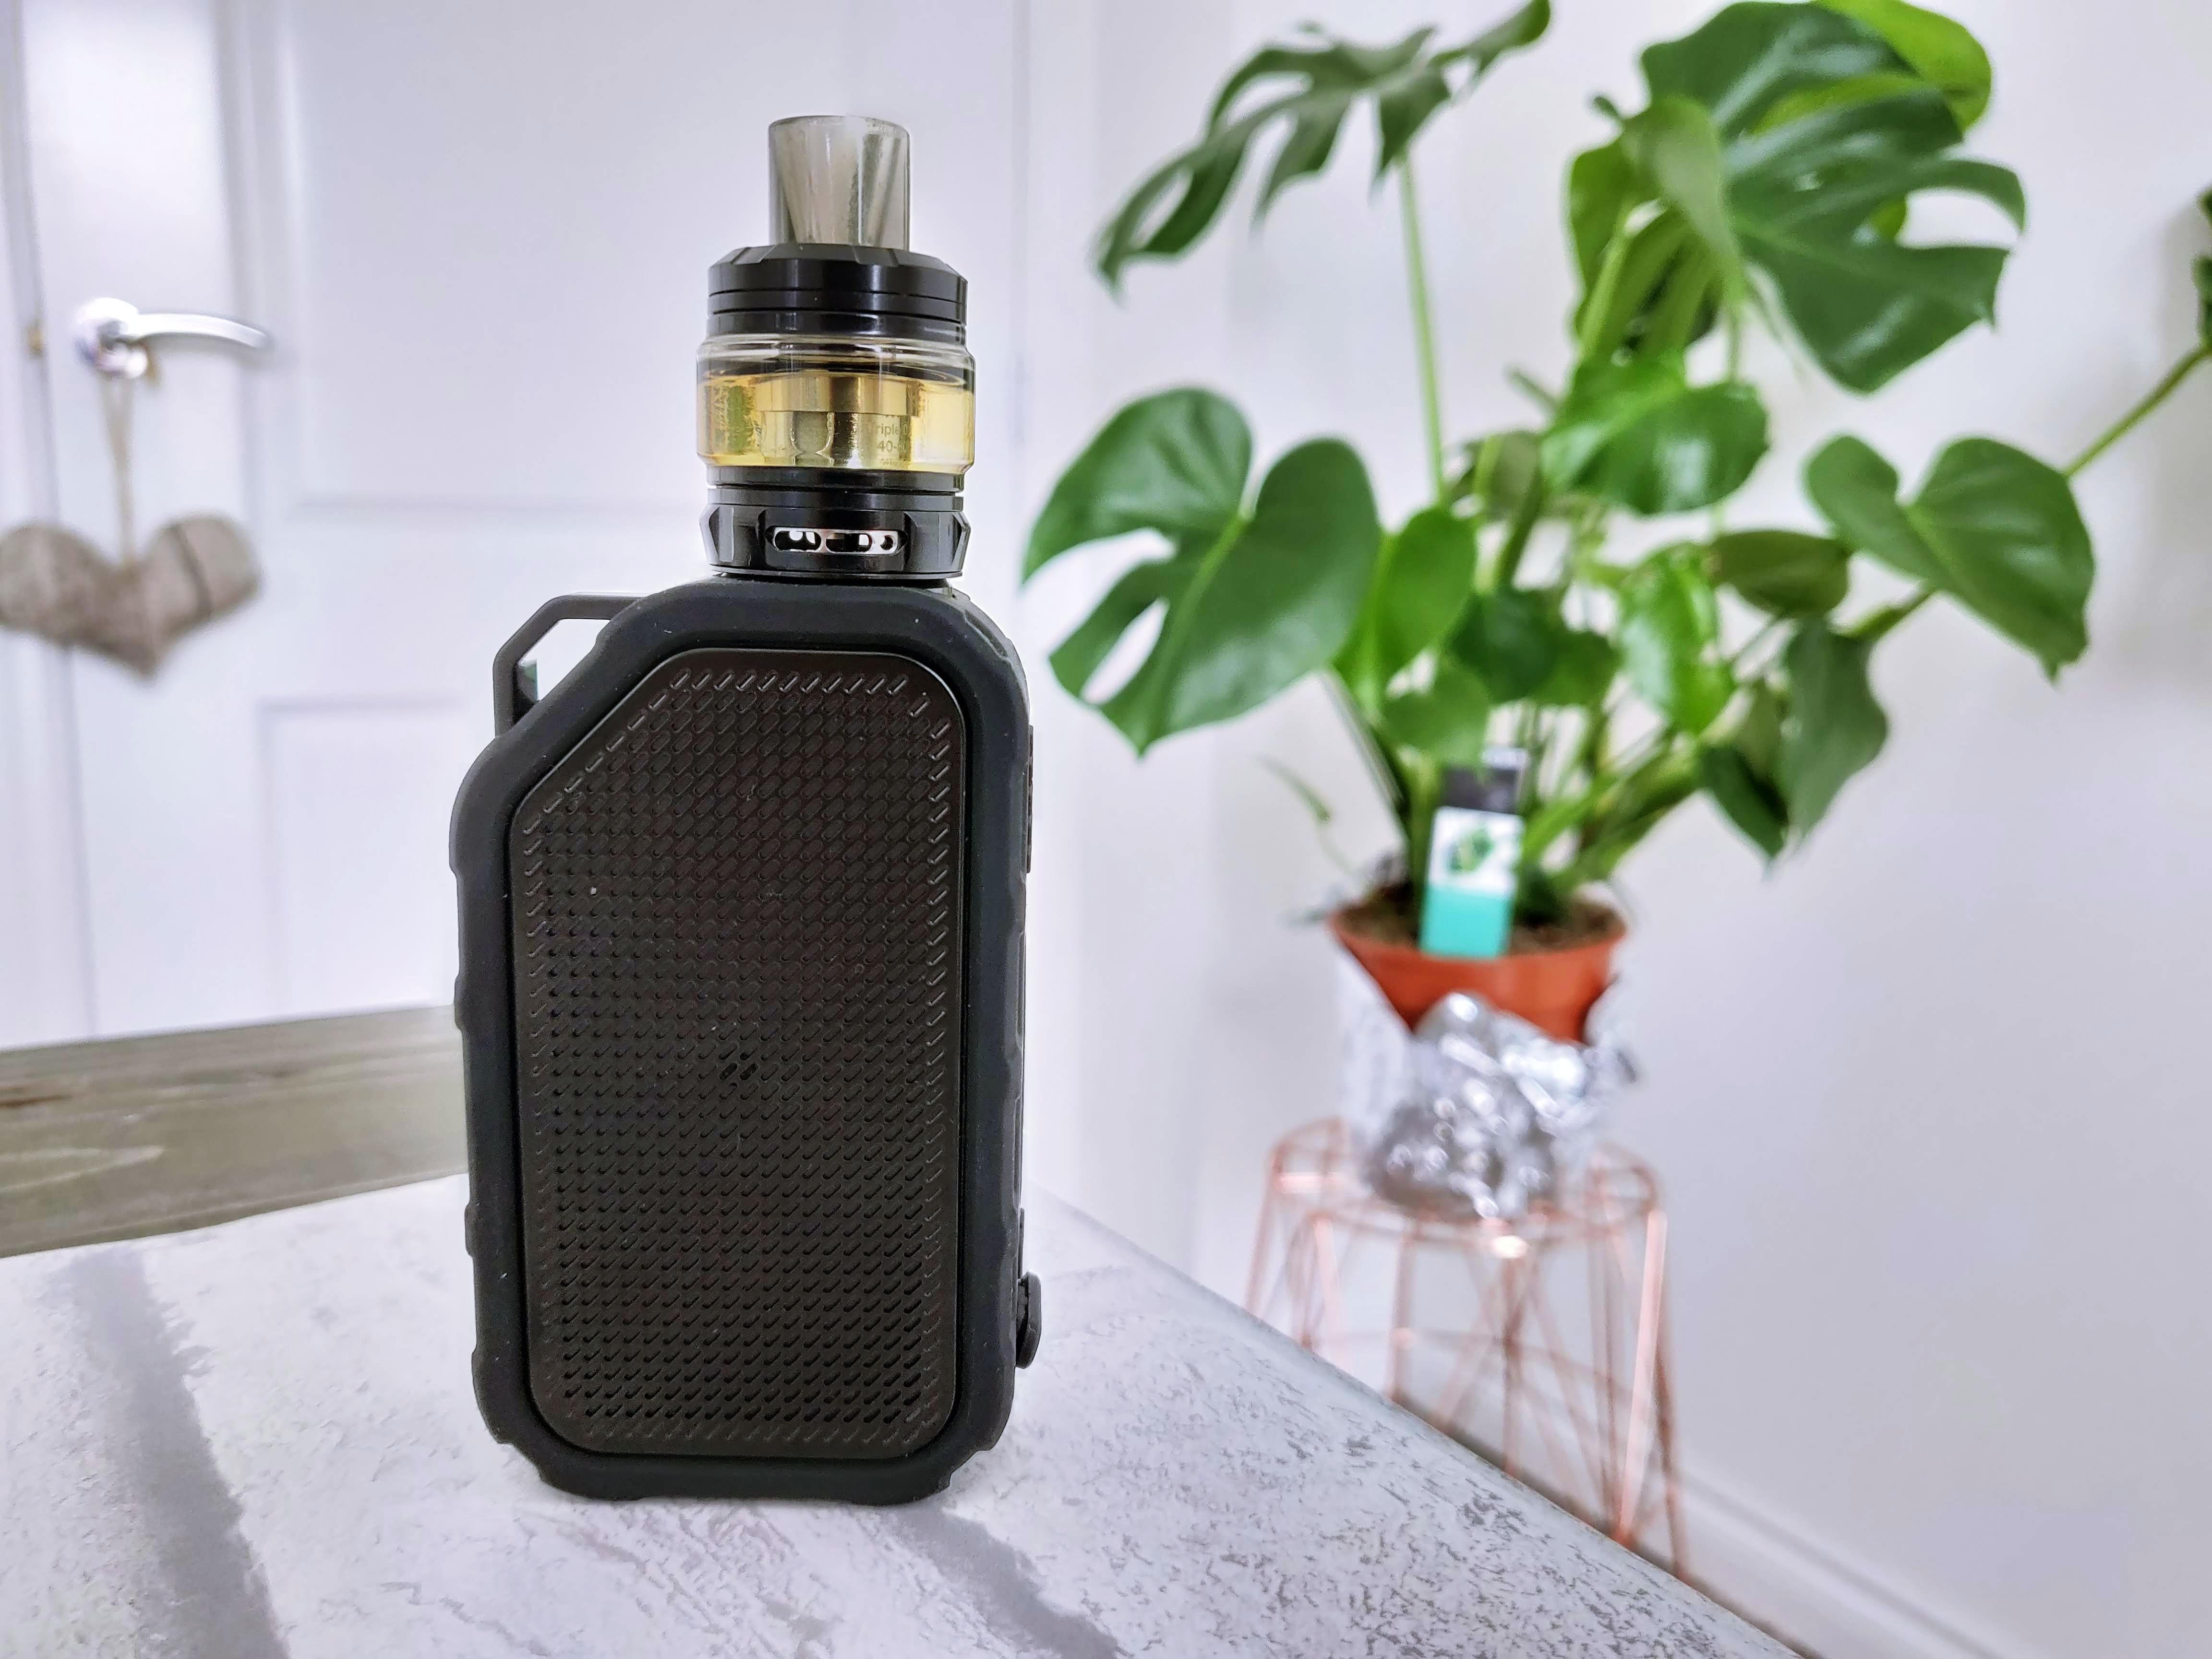 Wismec Active Review